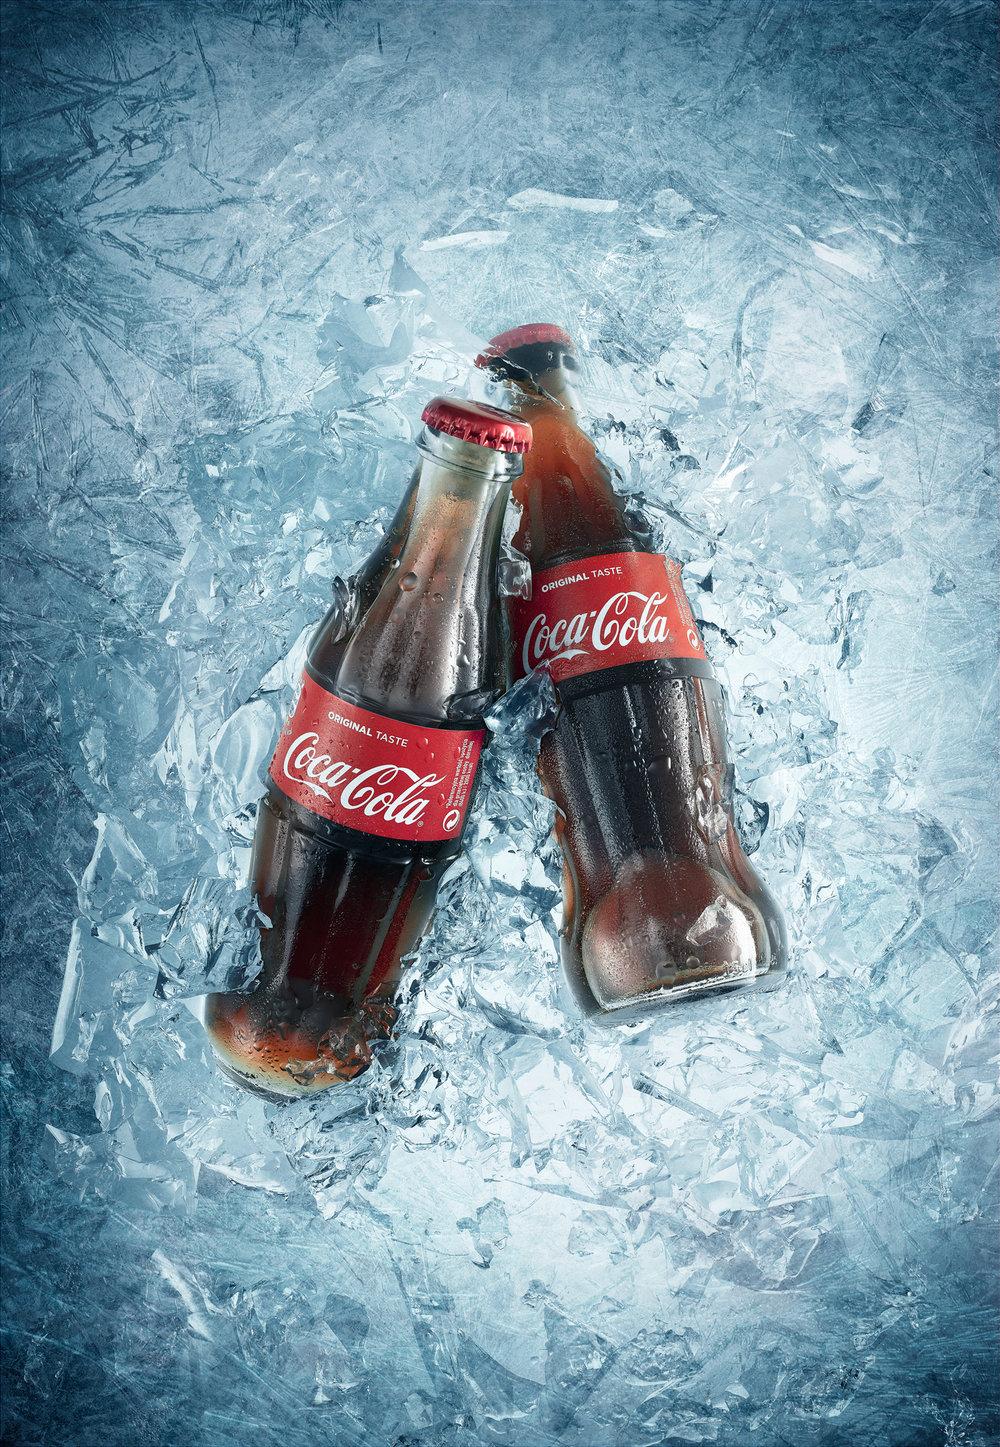 lettstudio_coca_cola_ice_beverage_photography.jpg